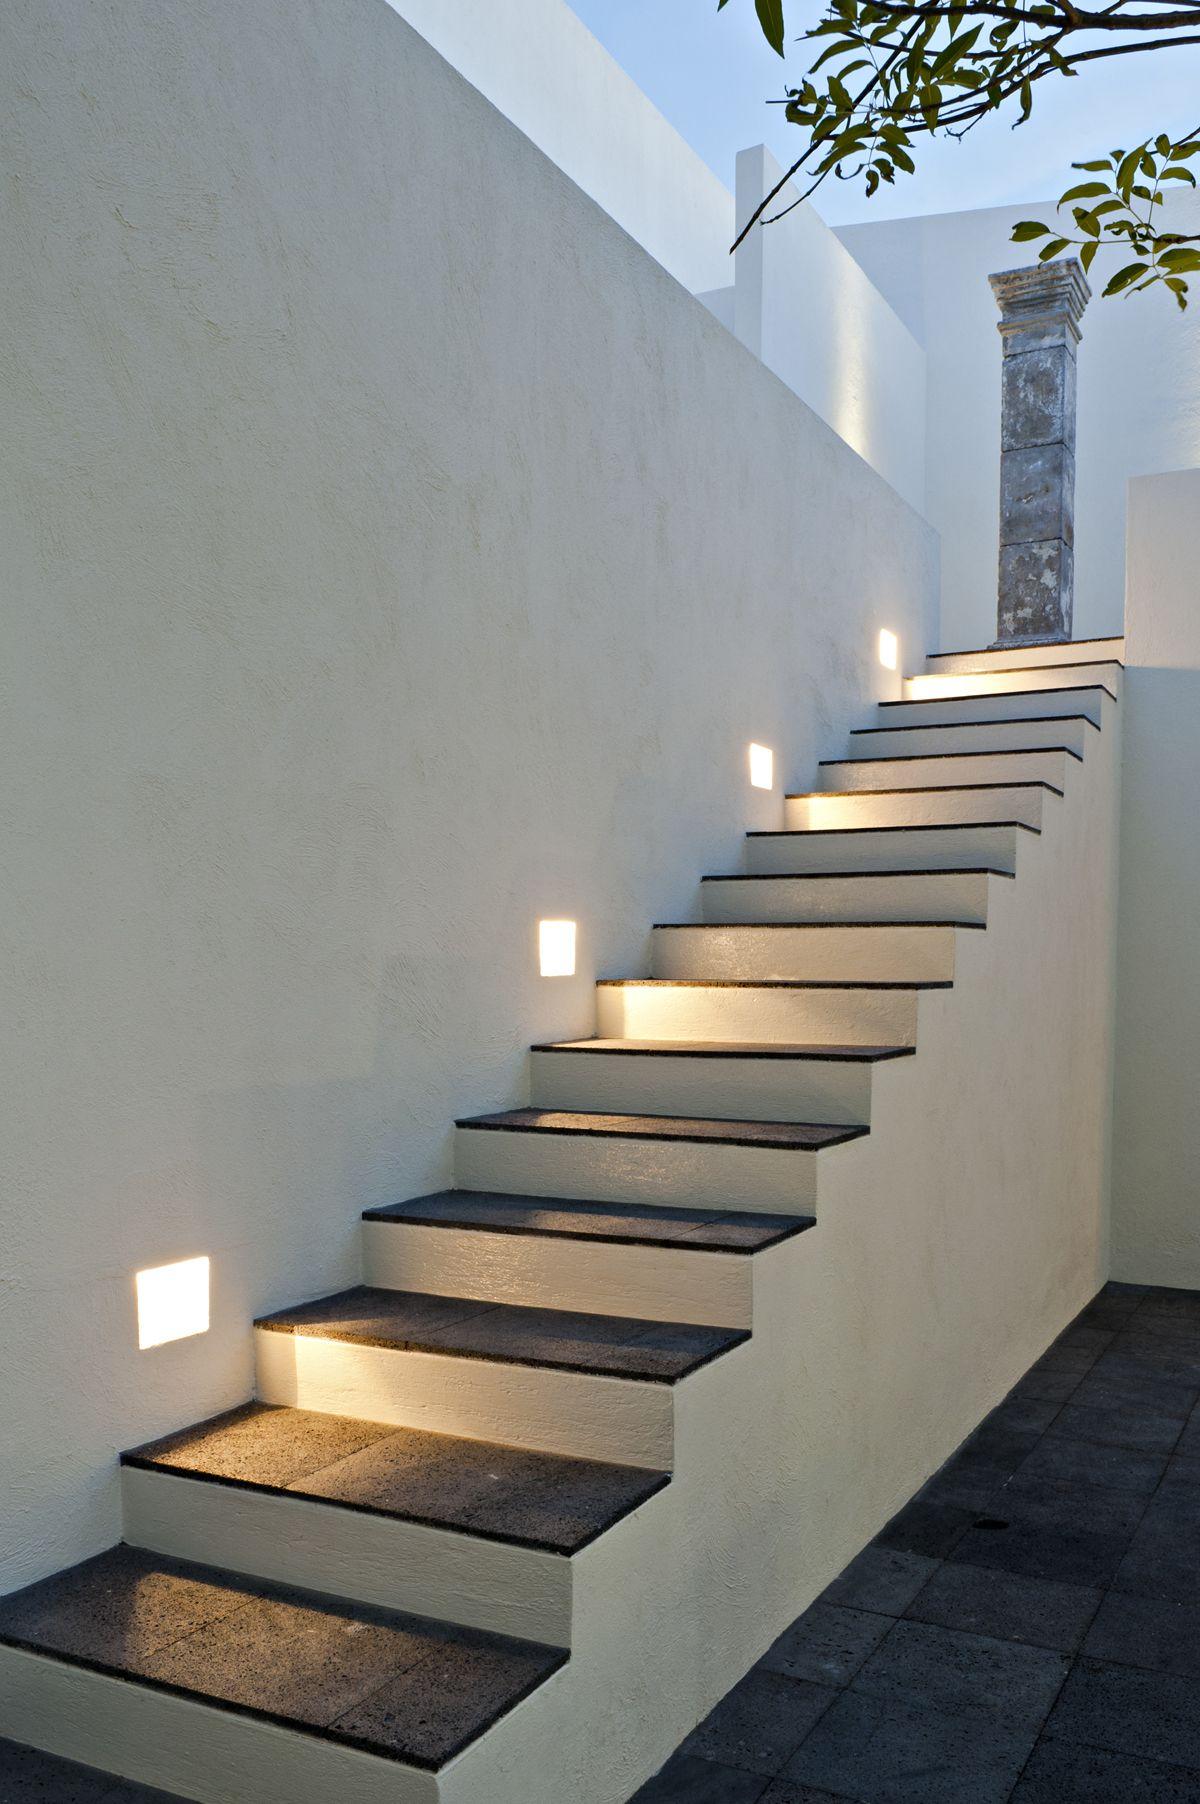 Ilumina Tus Escaleras Con Empotrados Tecnolite